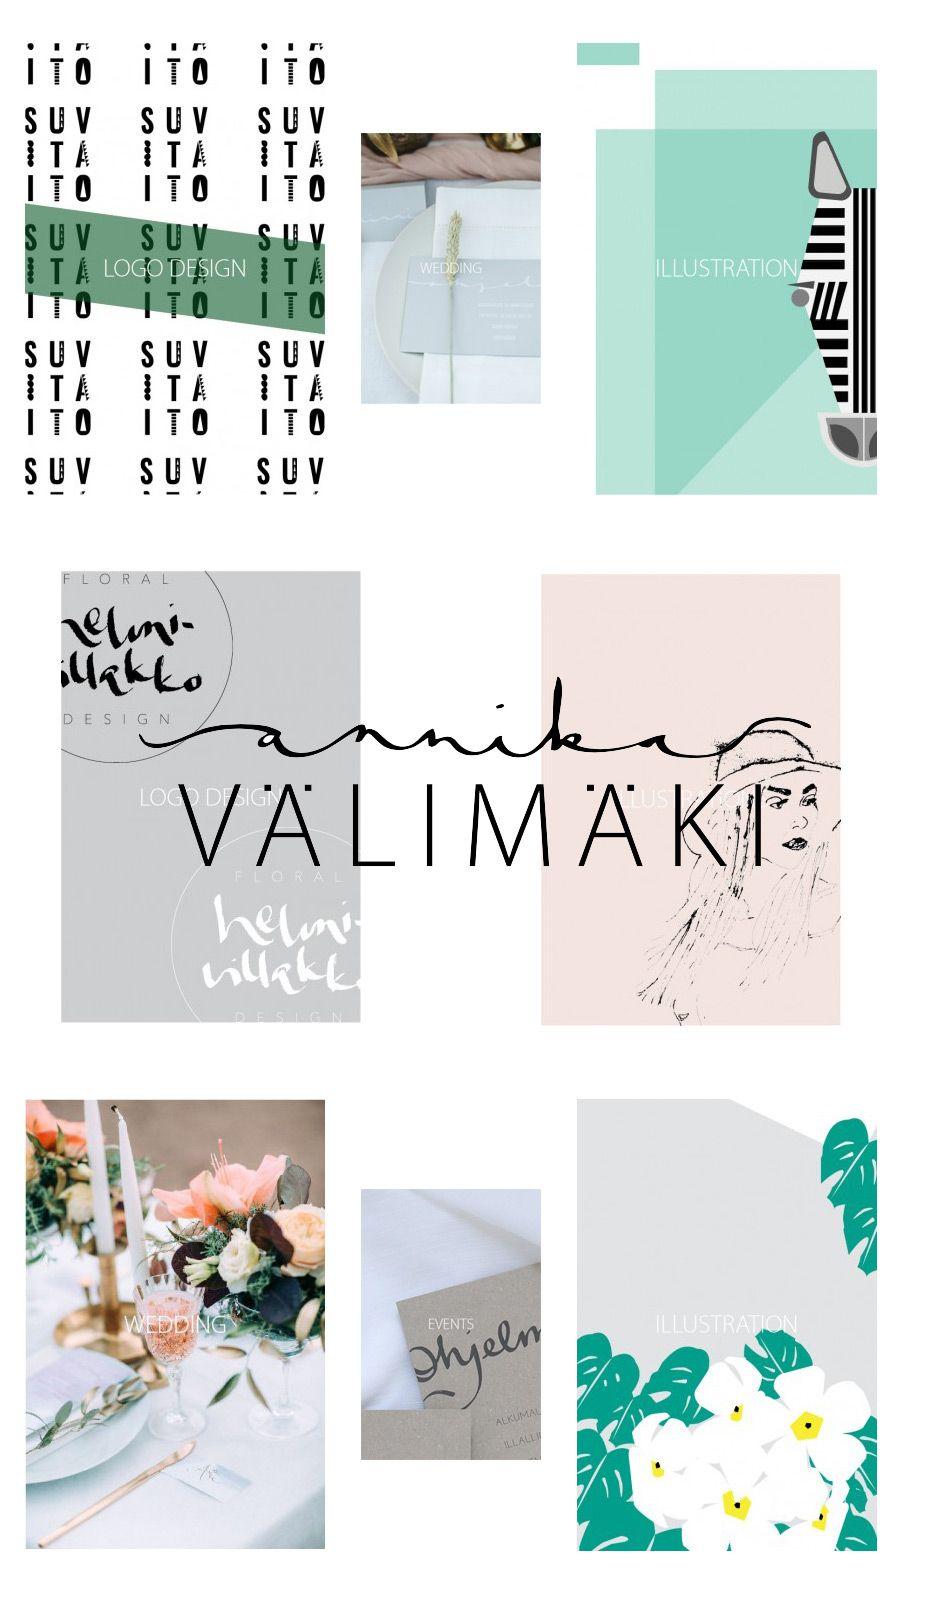 Annika Välimäki <3 <3  http://monasdailystyle.fitfashion.fi/2016/02/02/annika-valimaki/